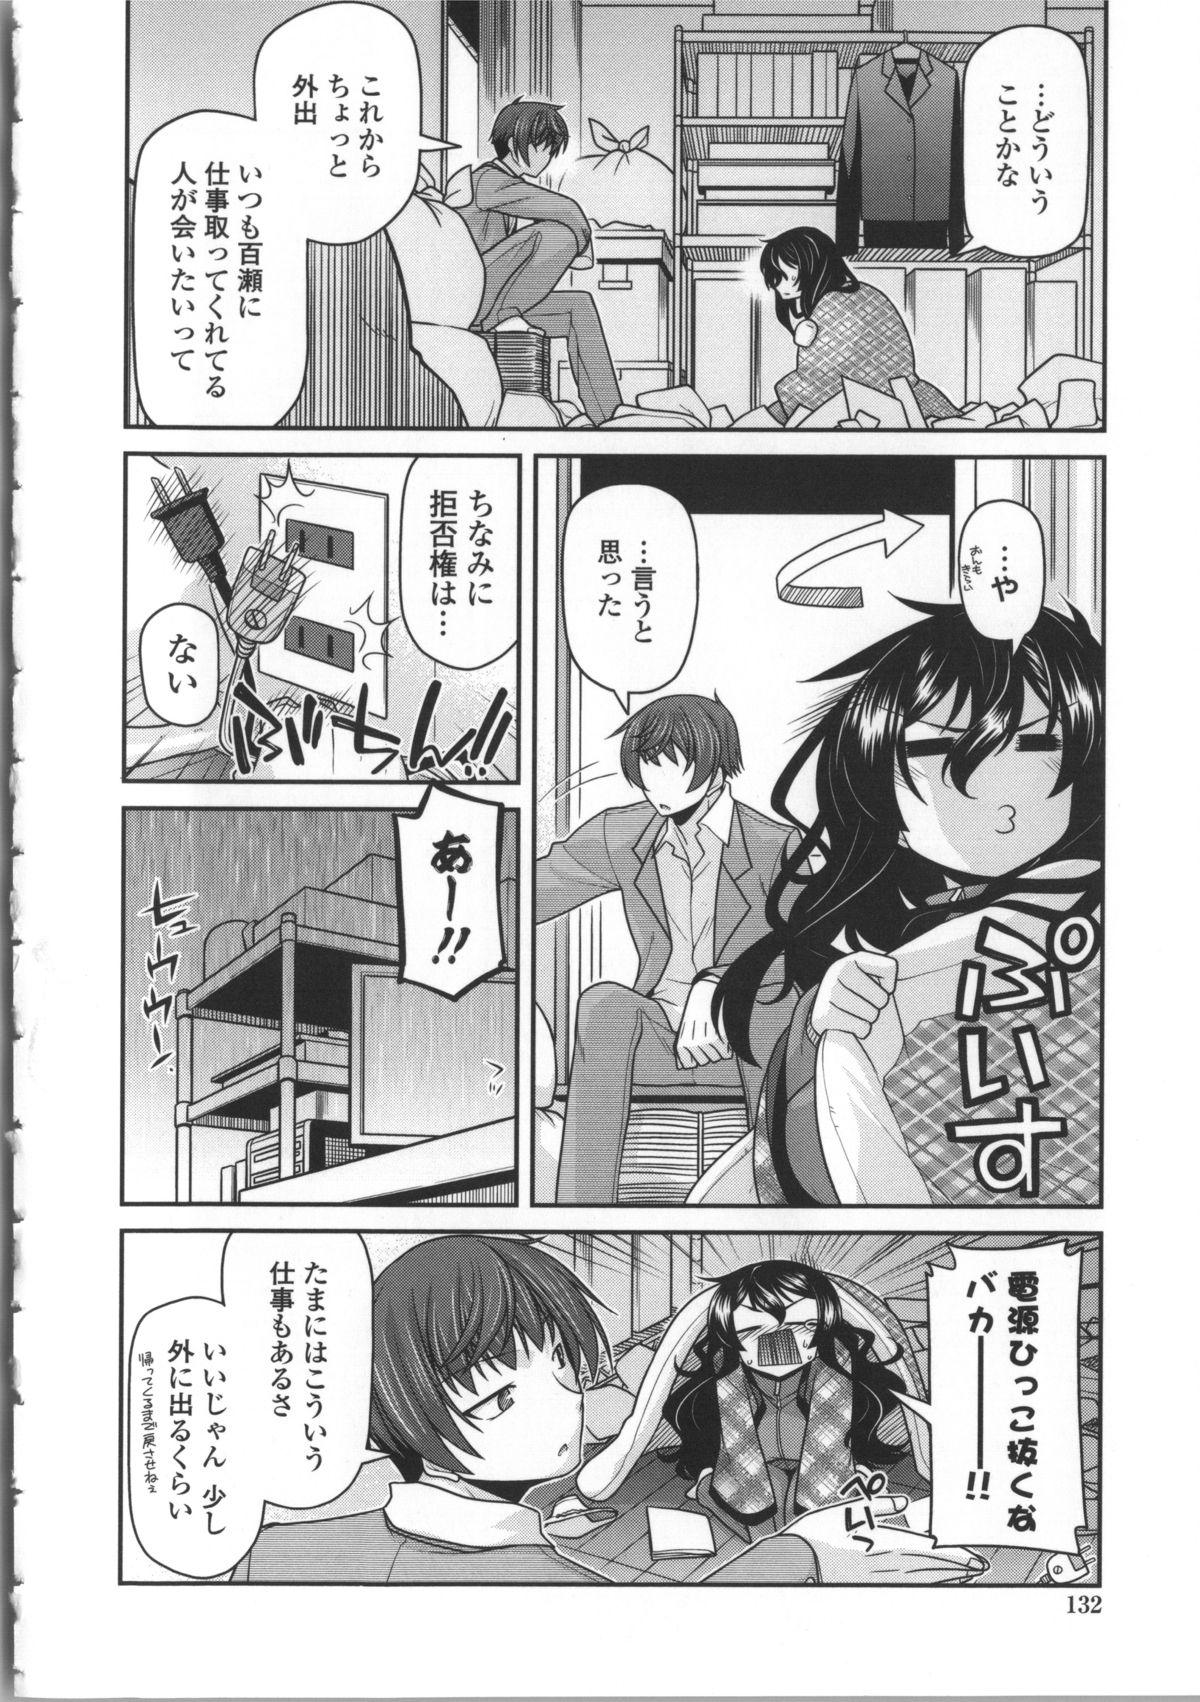 Yamato Nadeshiko Breast Changes 131